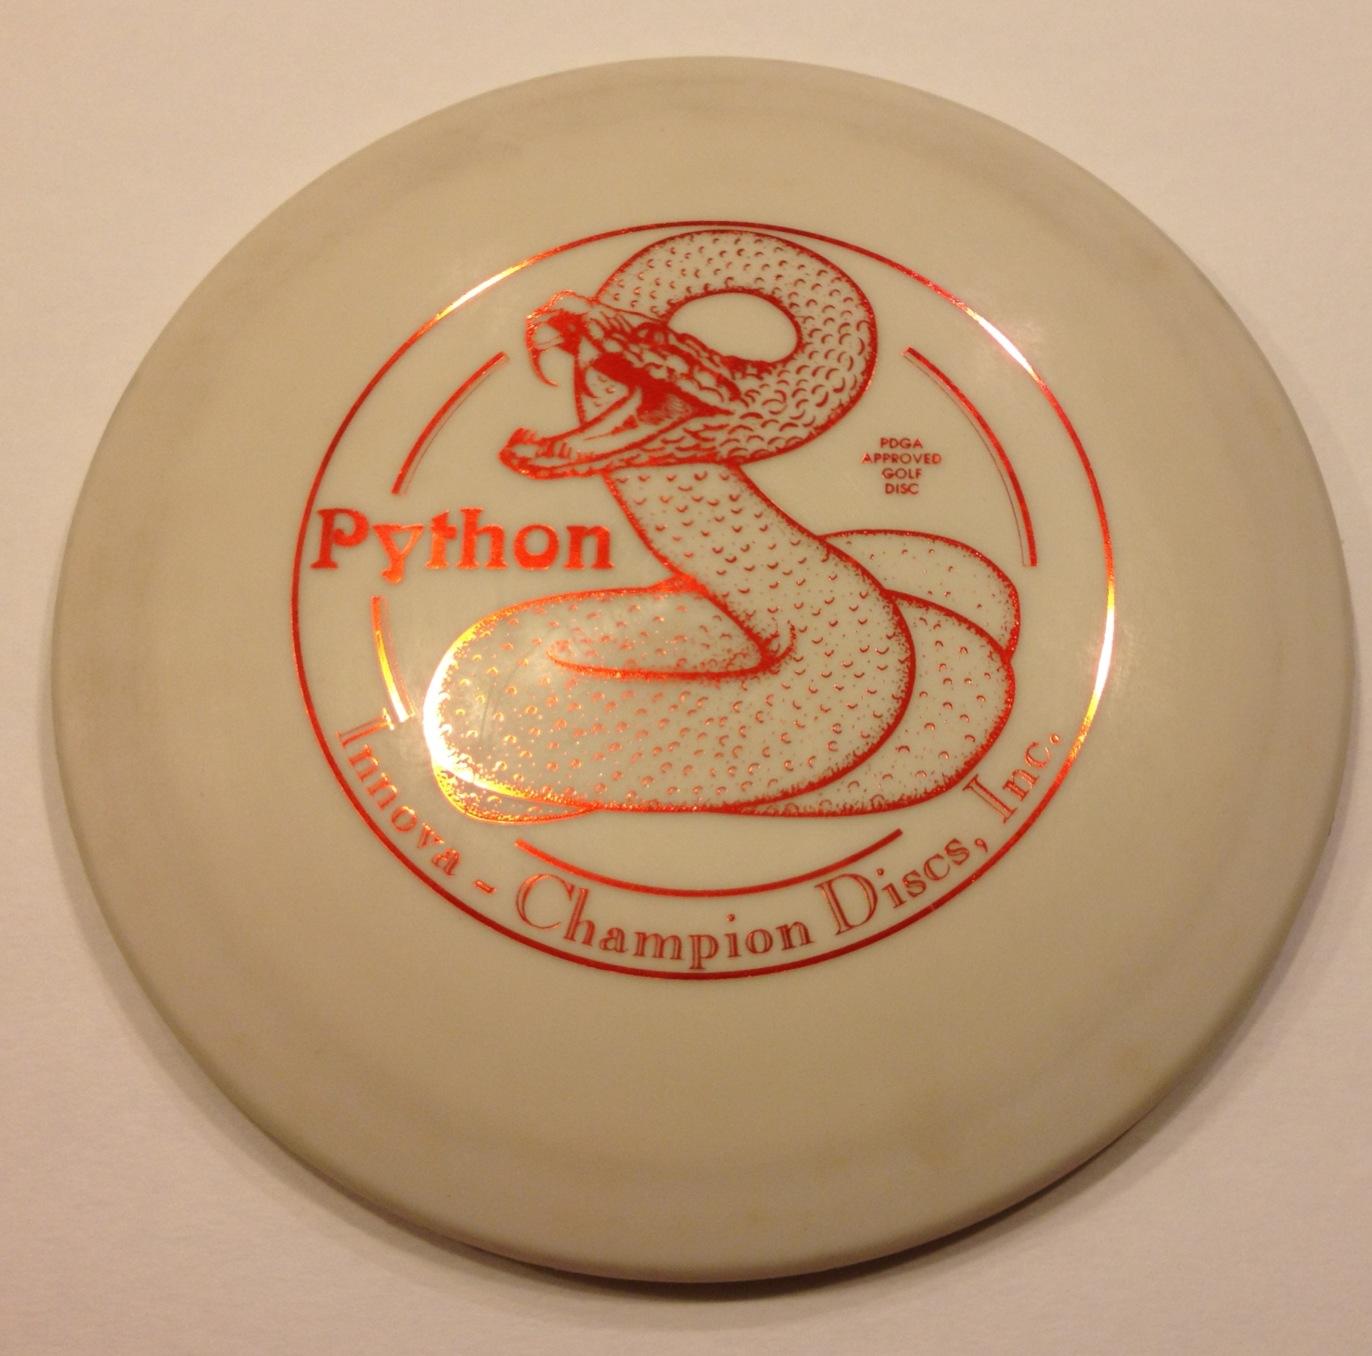 Python White